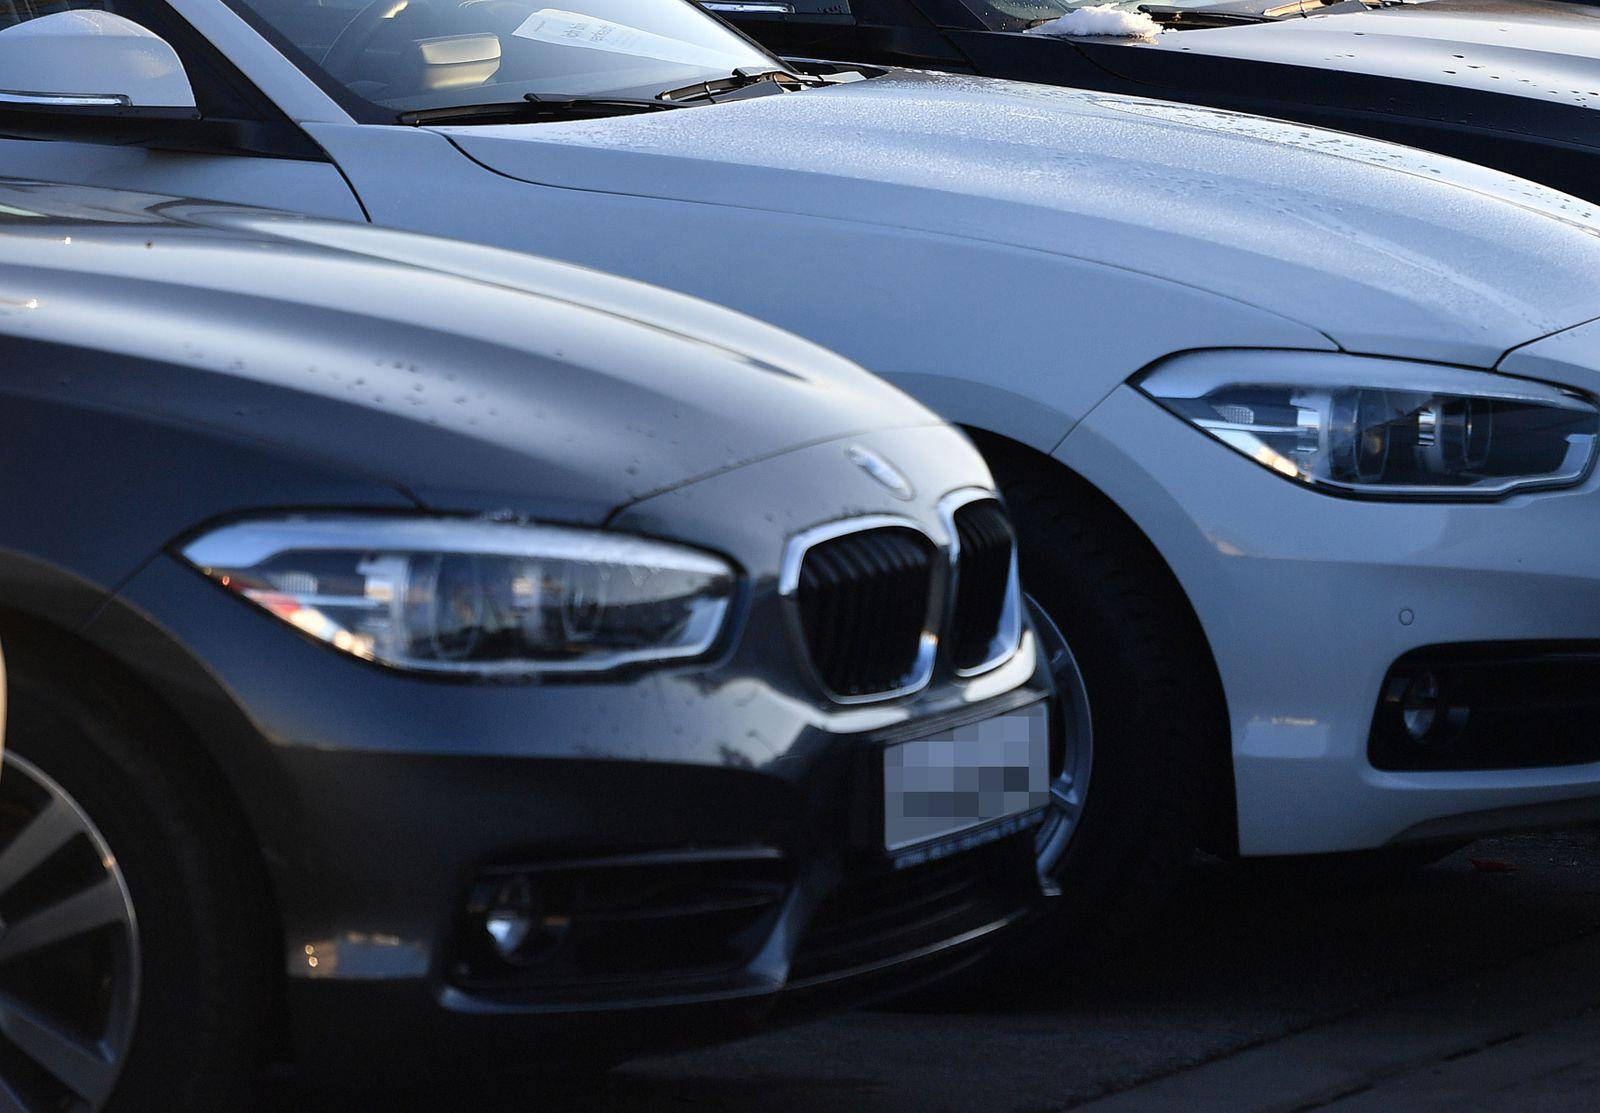 BMW Automobile,Export,Exporte, Gebrauchtwagenzentrum,g ebrauchte ,neuwertige Autos,Gebrauchtwagen,Autokauf,kaufen,BMW Ei